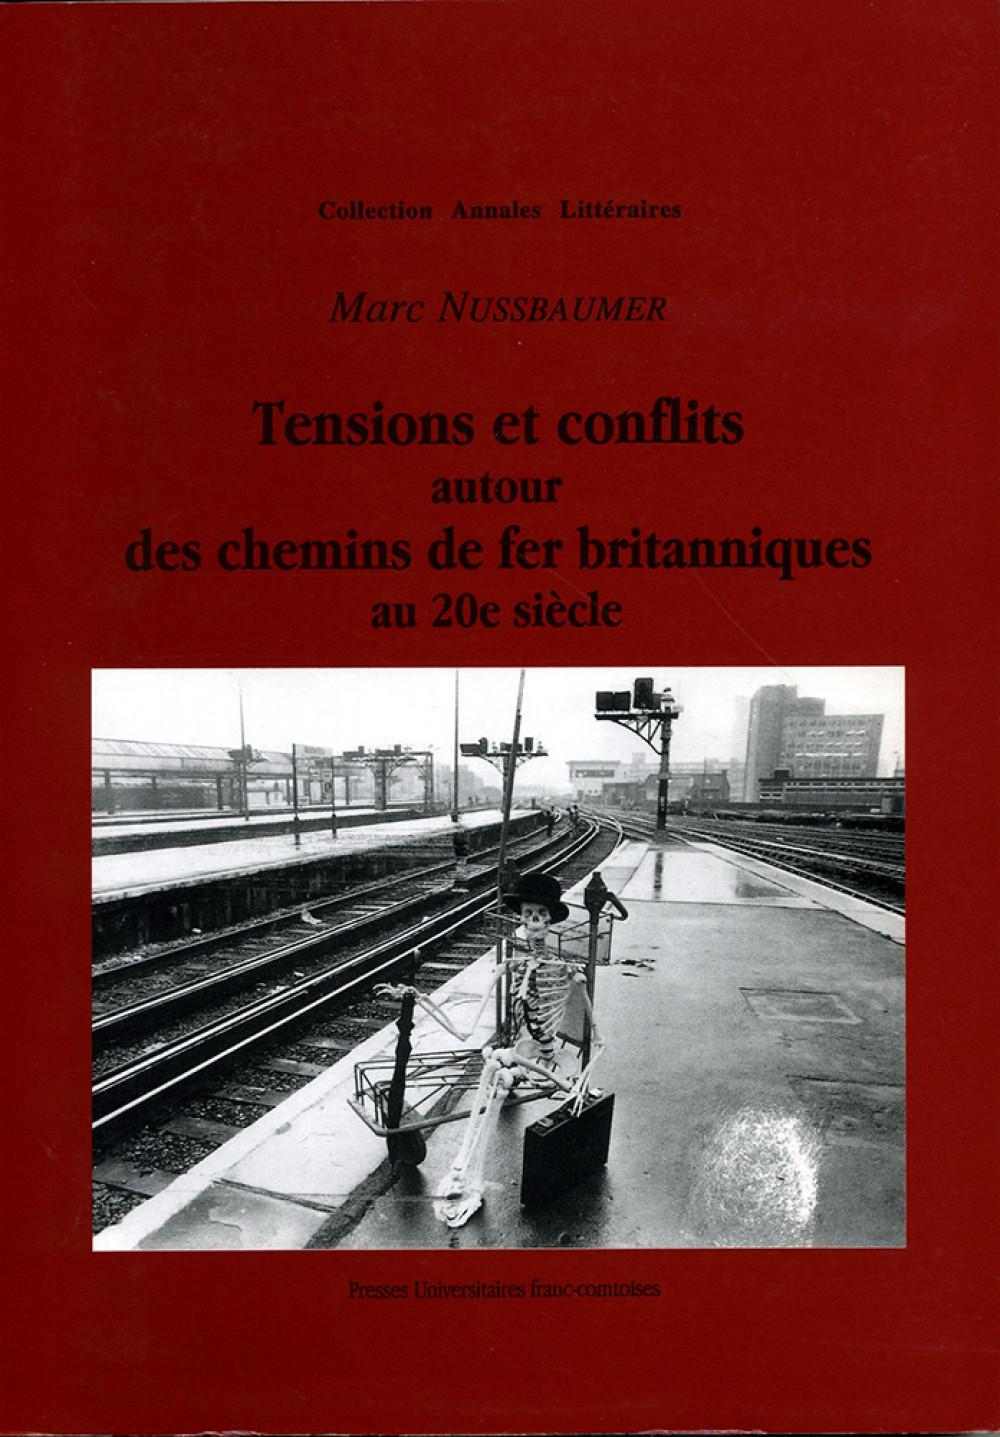 """Tensions et conflits autour des chemins de fer britanniques au <span style=""""font-variant: small-caps"""">XX</span><sup>e</sup> siècle"""